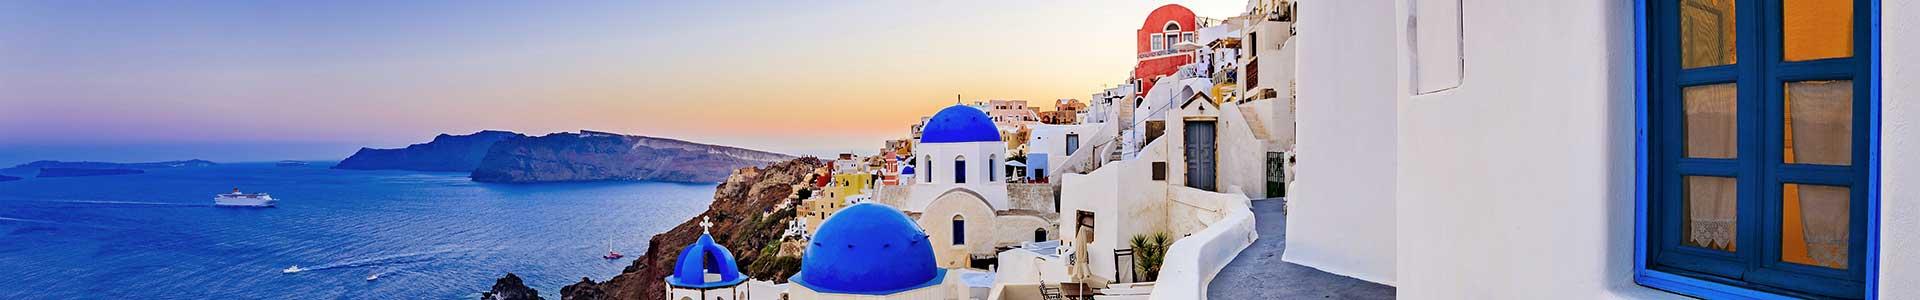 Voyage en Grèce, Crète et îles grecques - TUI